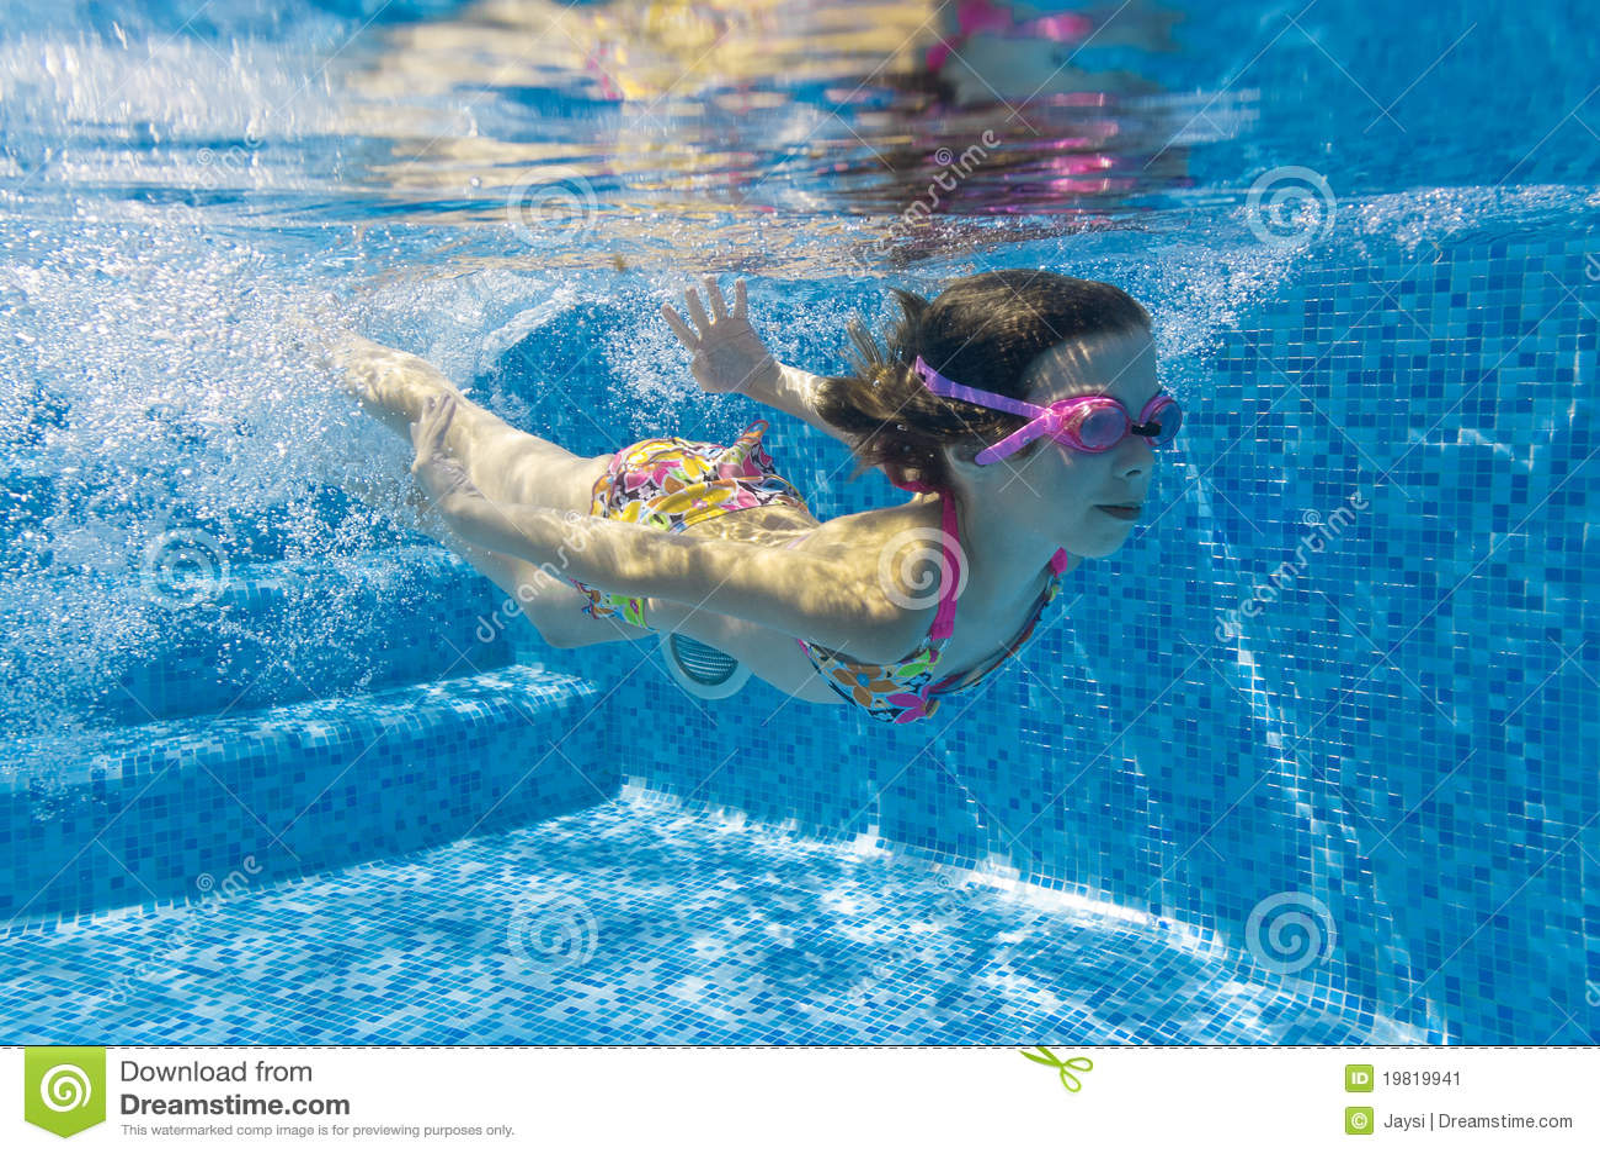 child swimming underwater - photo #24